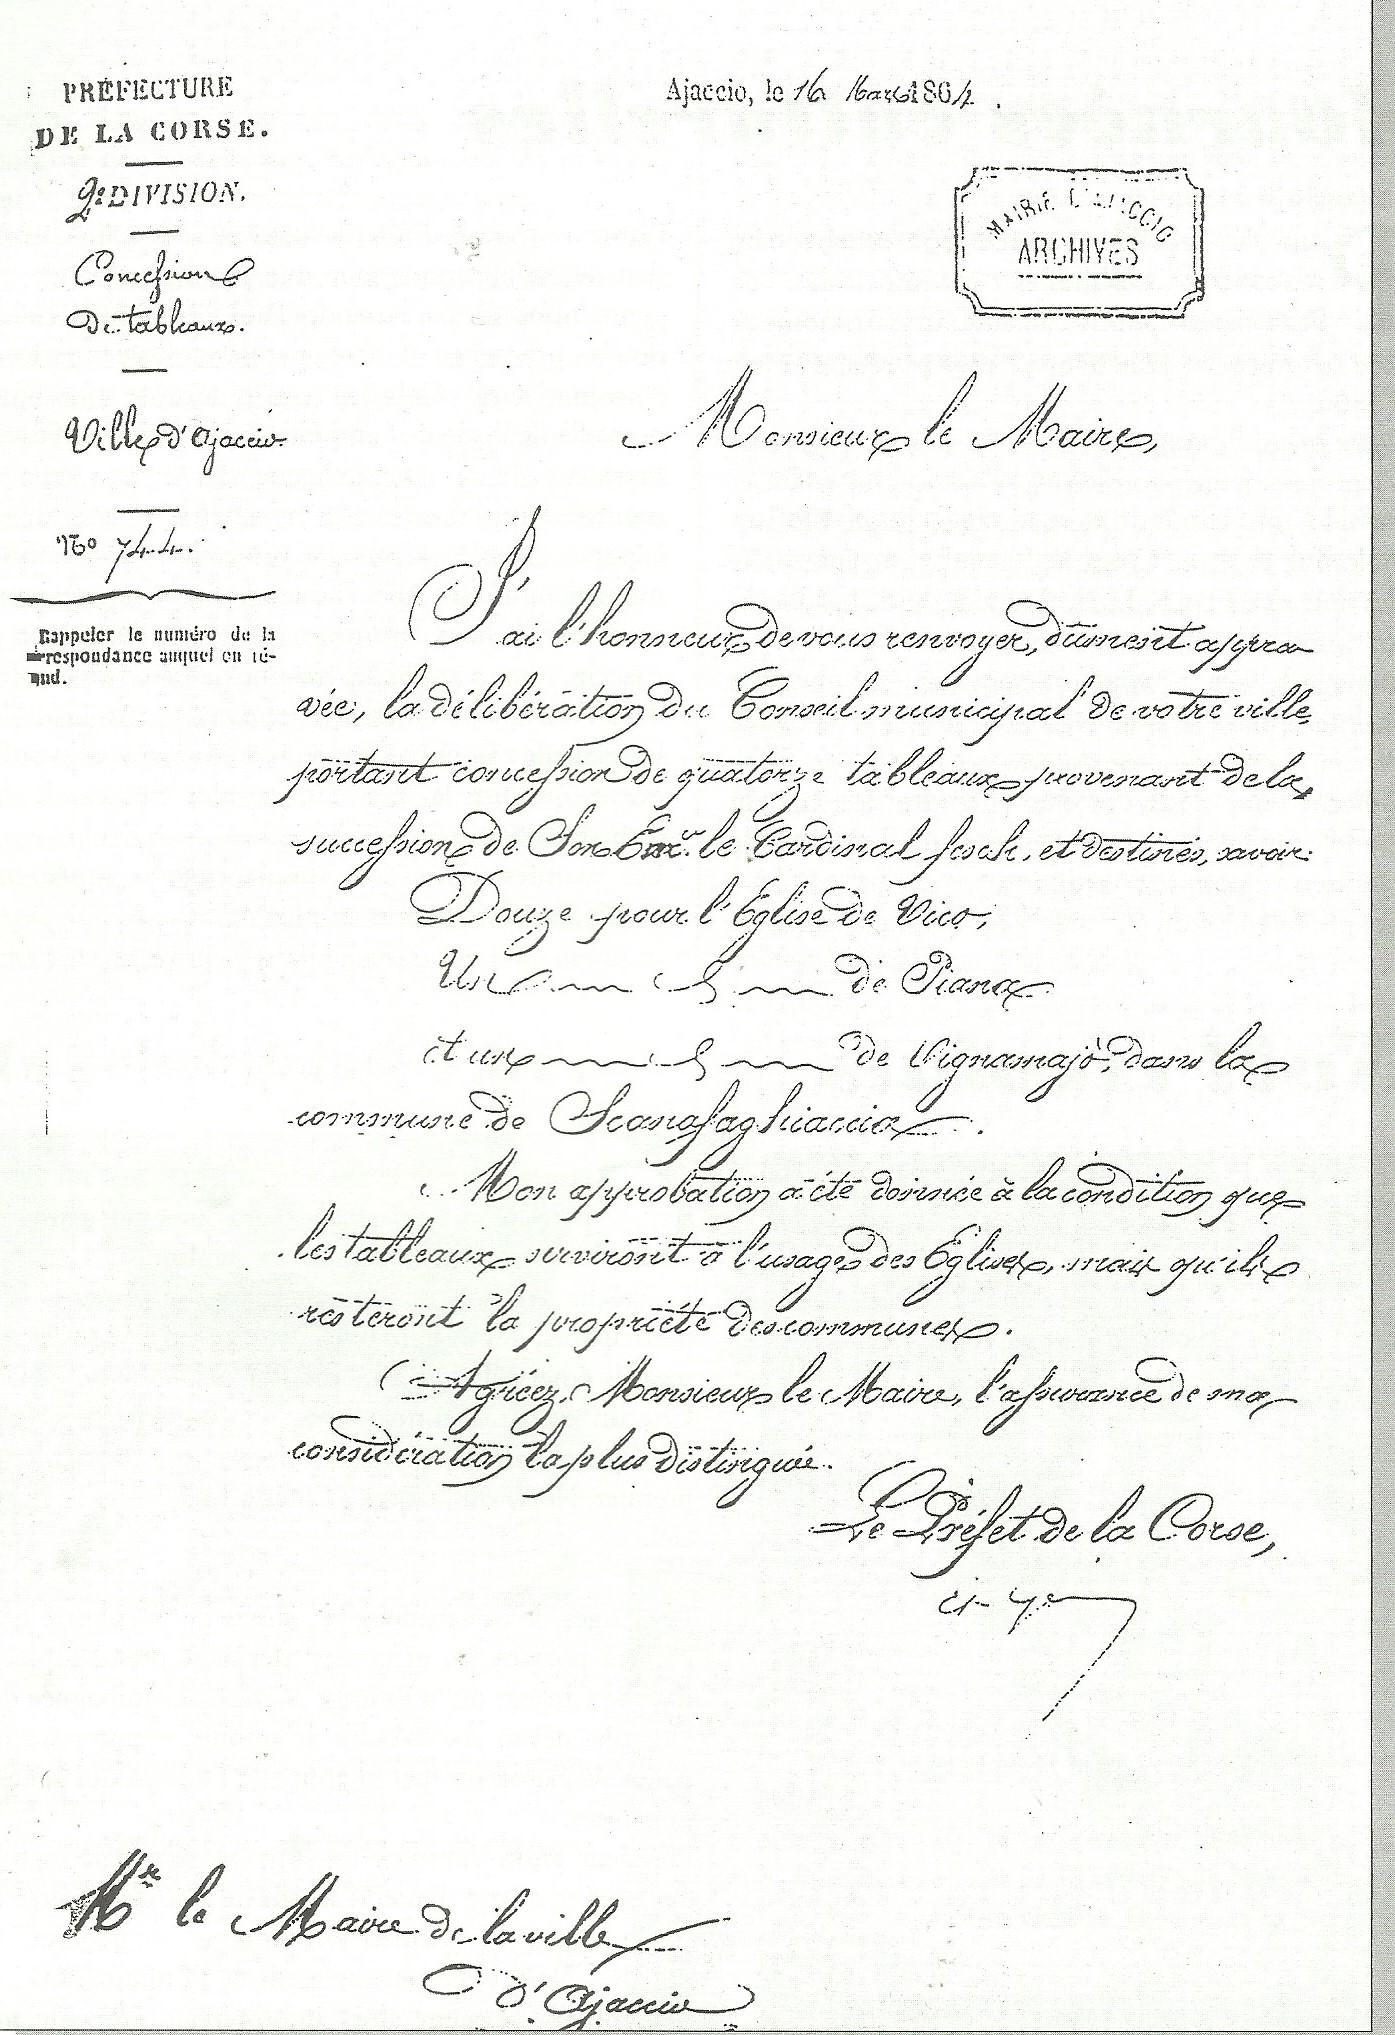 Lettre de Mr le Préfet de la Corse à Mr le Maire d'Ajaccio approuvant la délibération de son conseil municipal